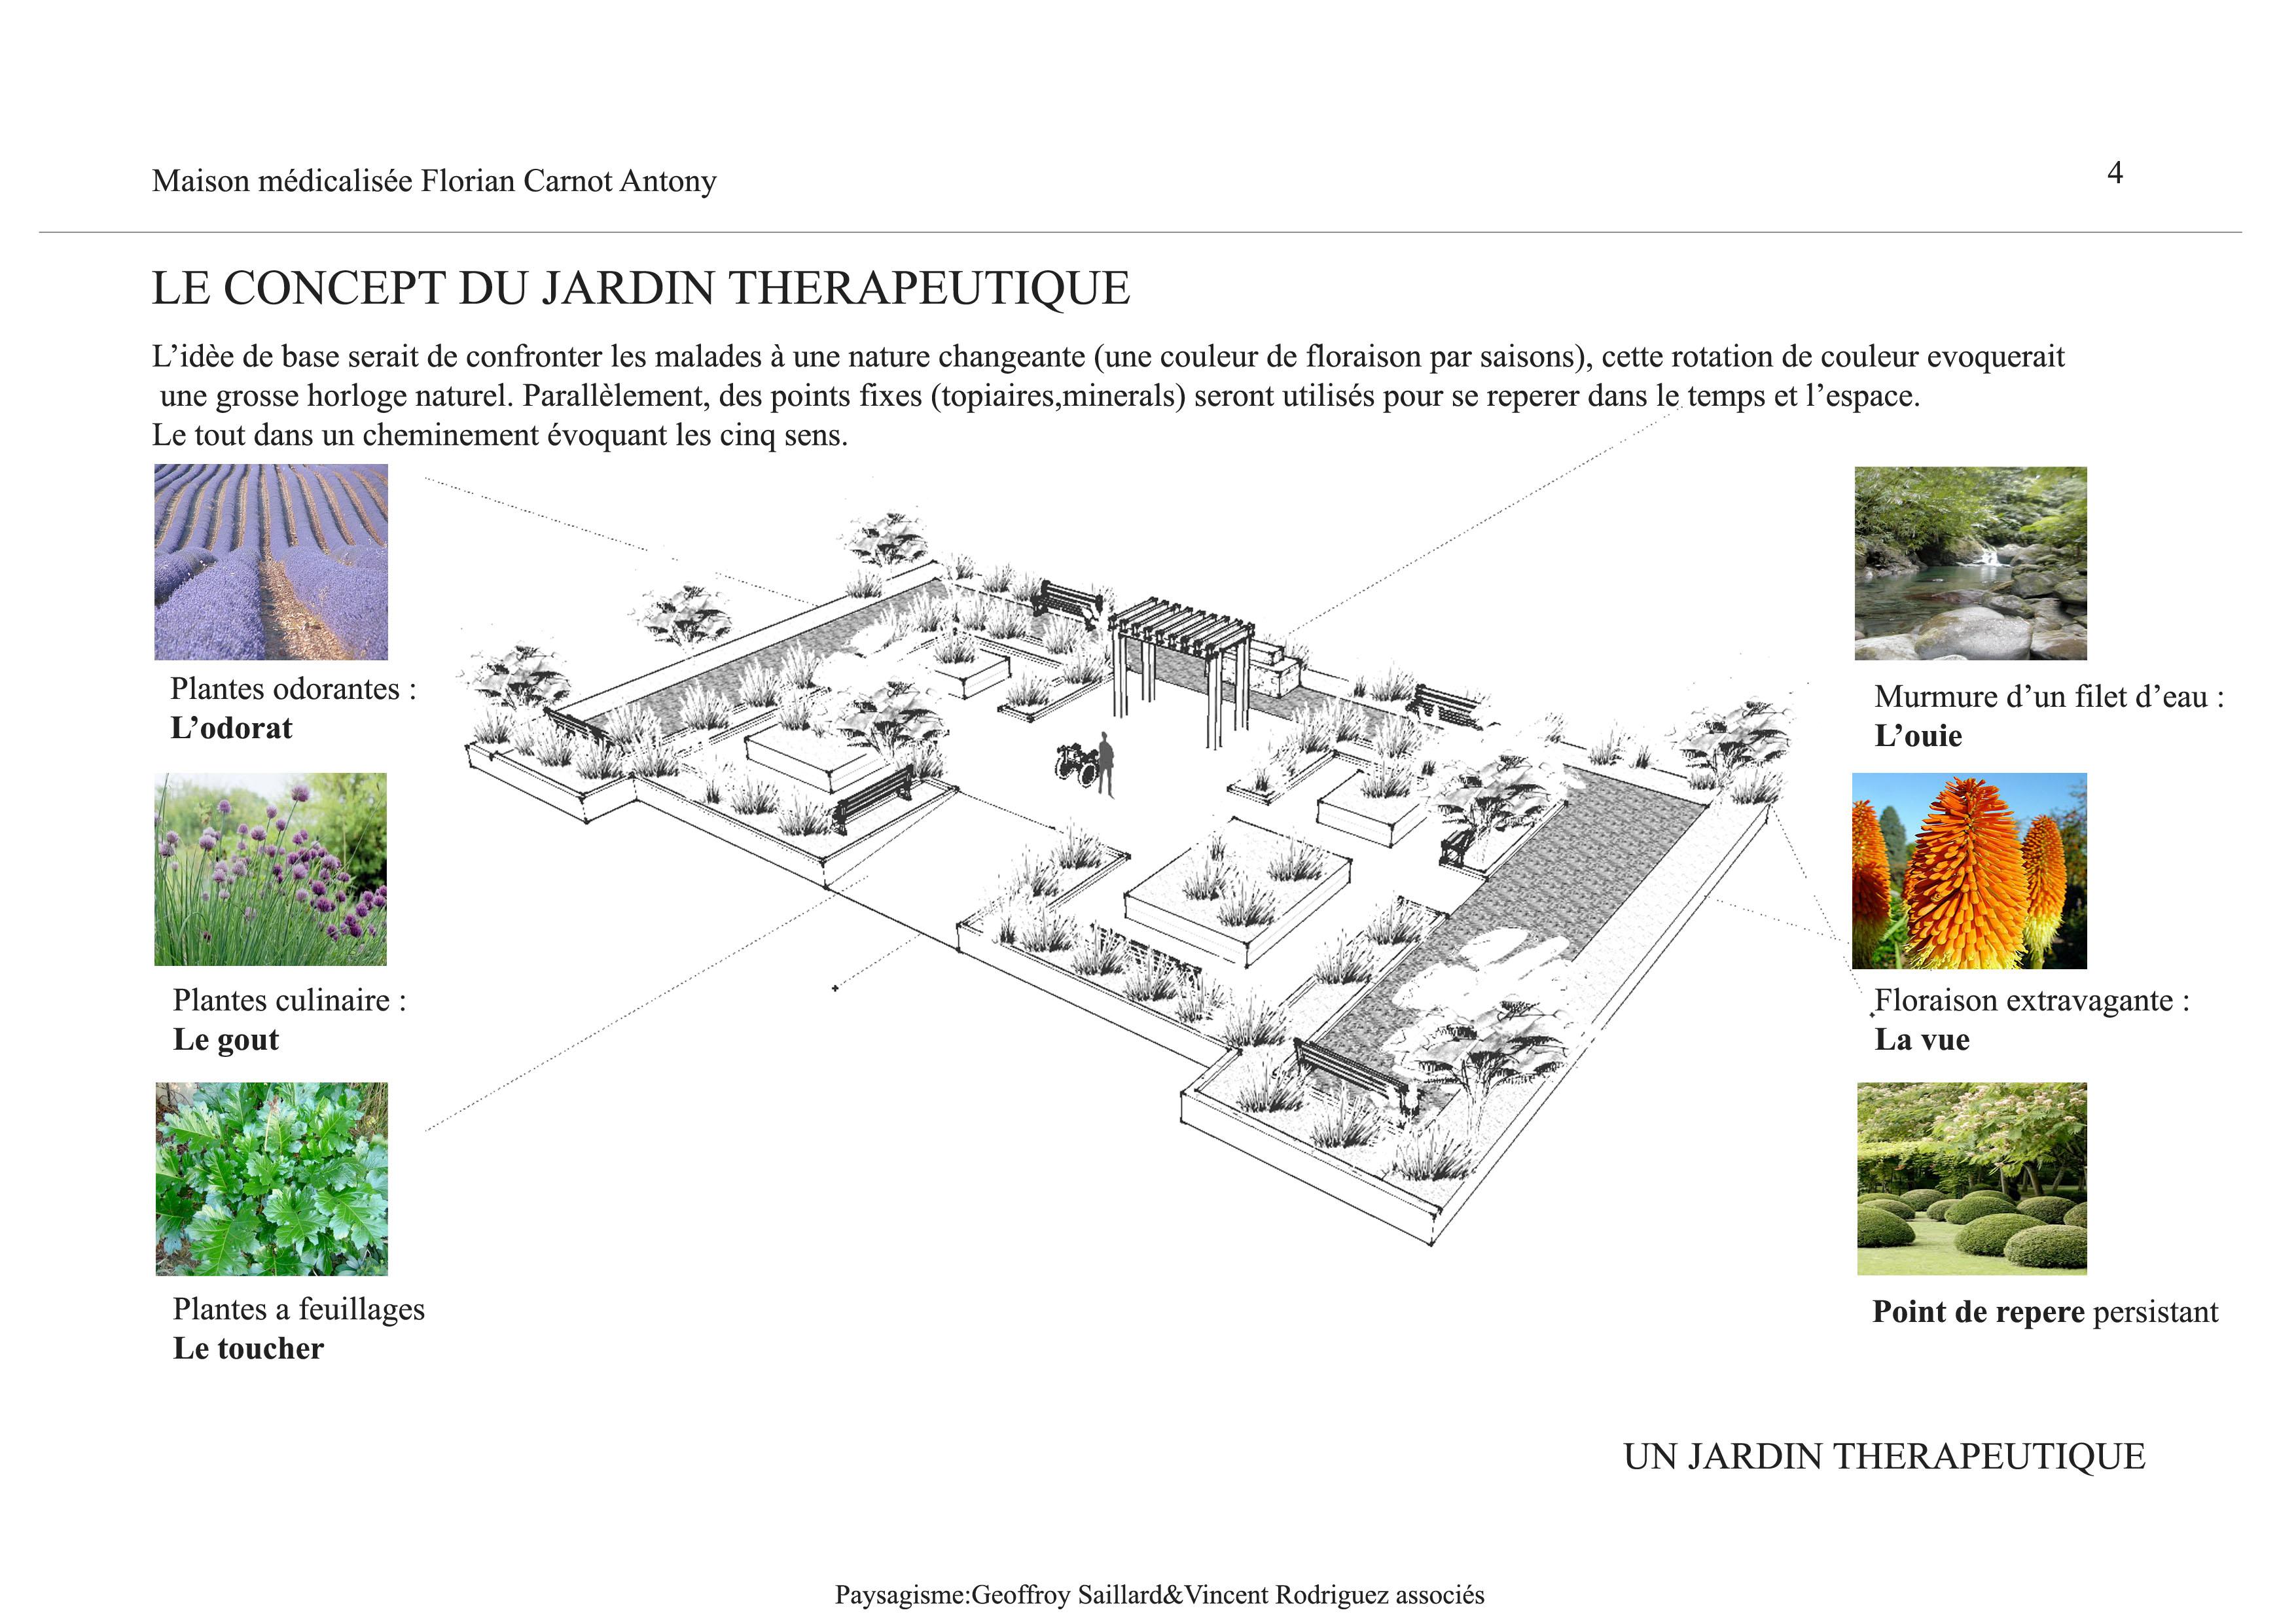 Des id es pour les collectivit s contemplavert for Jardin therapeutique